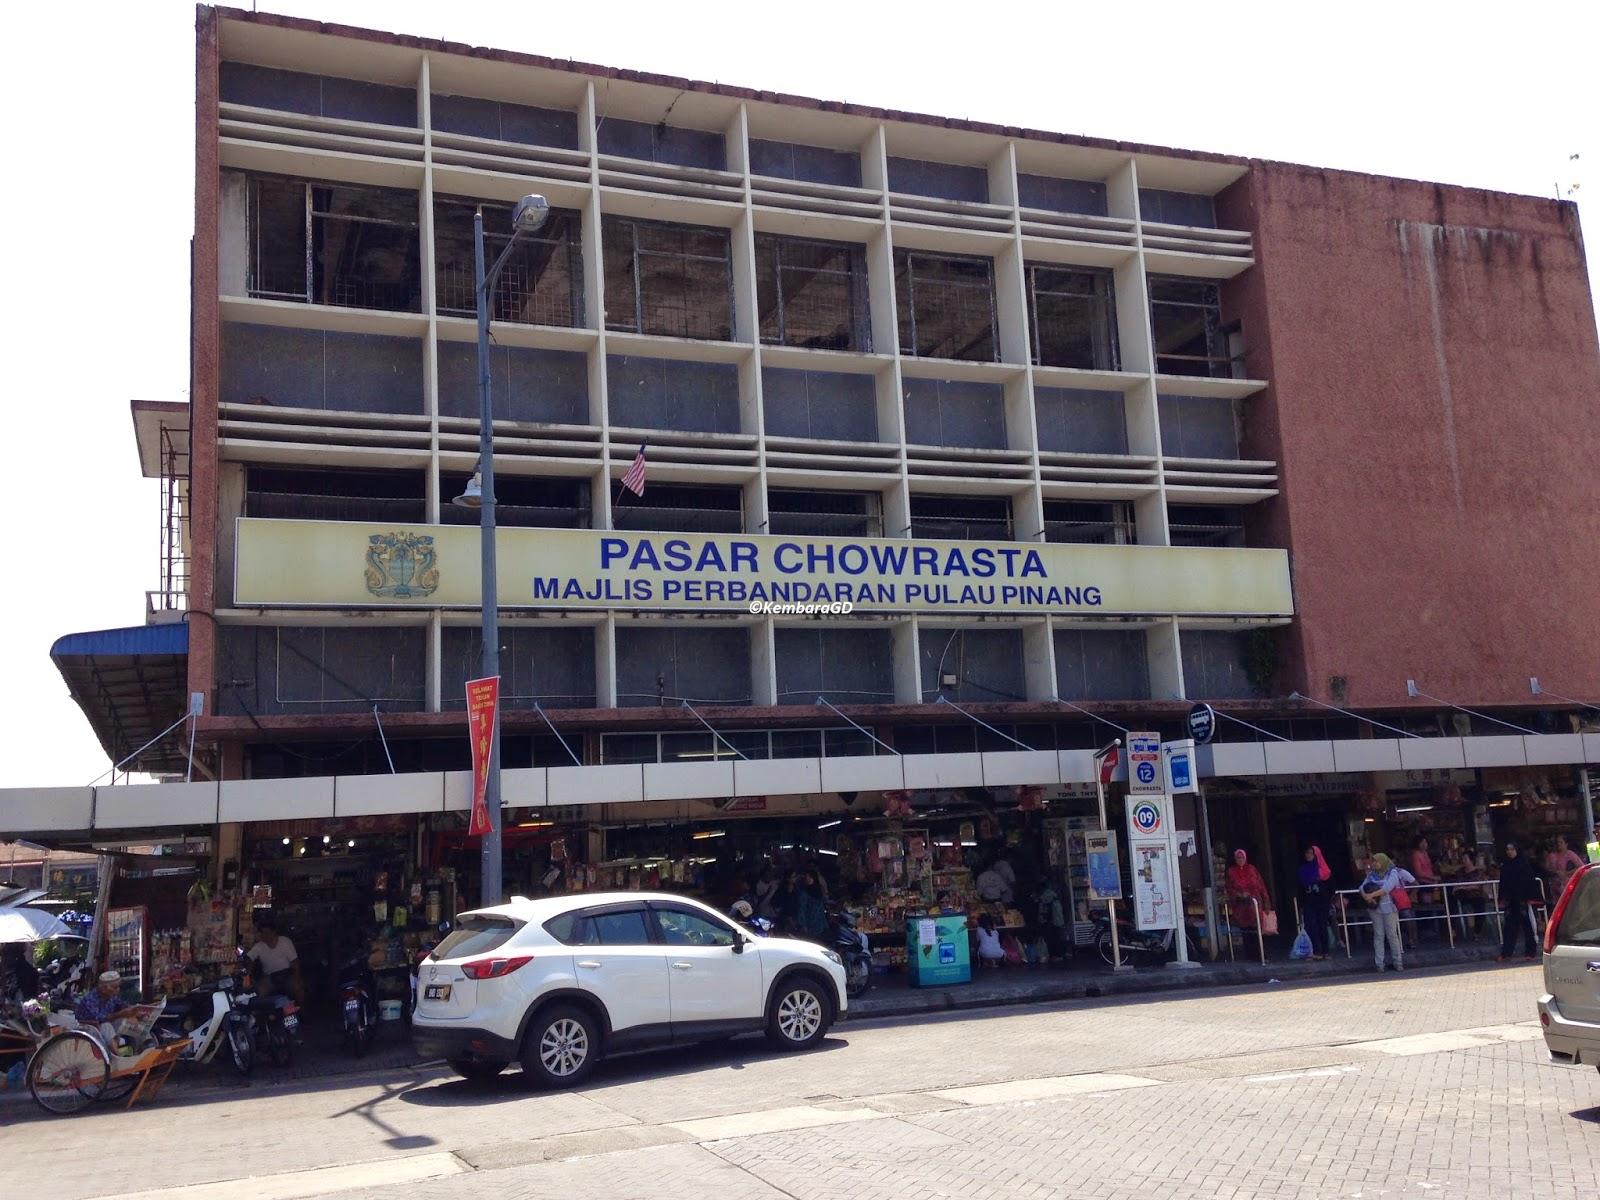 Selepas pasar Chowrasta ini menuju ke KOMTAR terdapat banyak kedai kedai yang menjual pakaian terutama kemeja T Di sini lebih murah sehingga terdapat